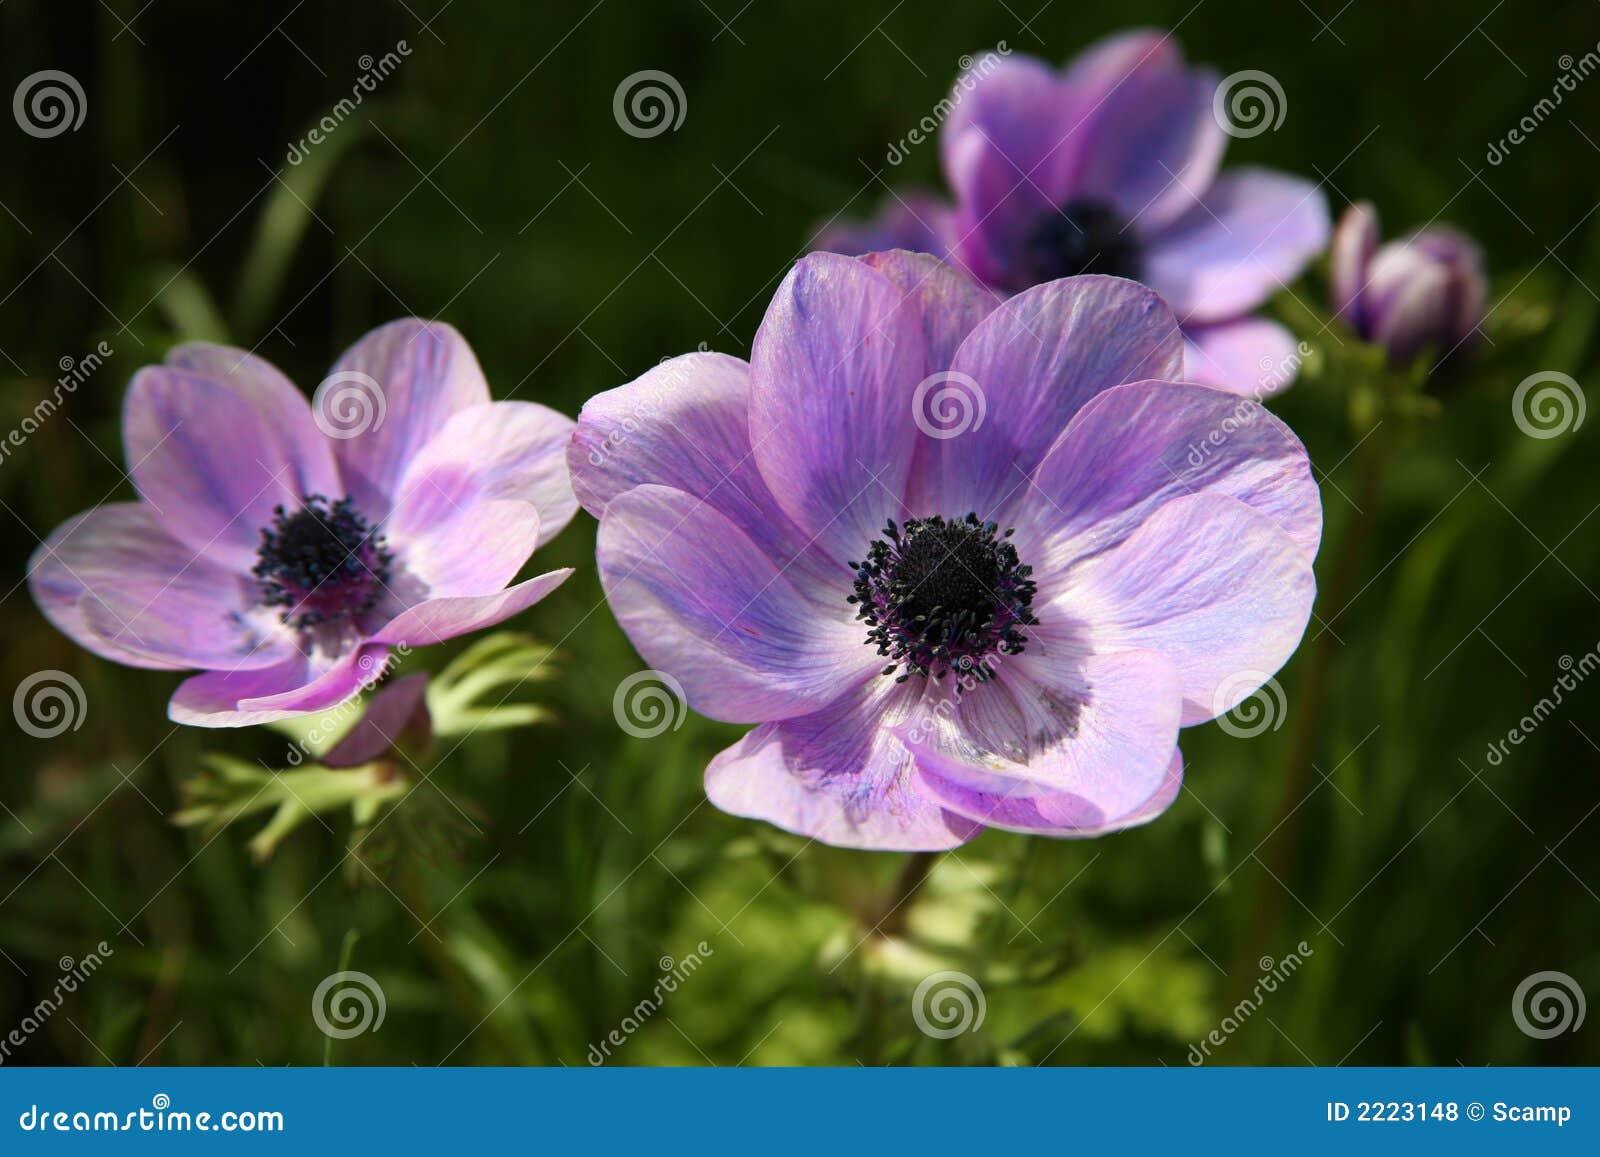 Purple Anemone Spring Flowers Royalty Free Stock Photos